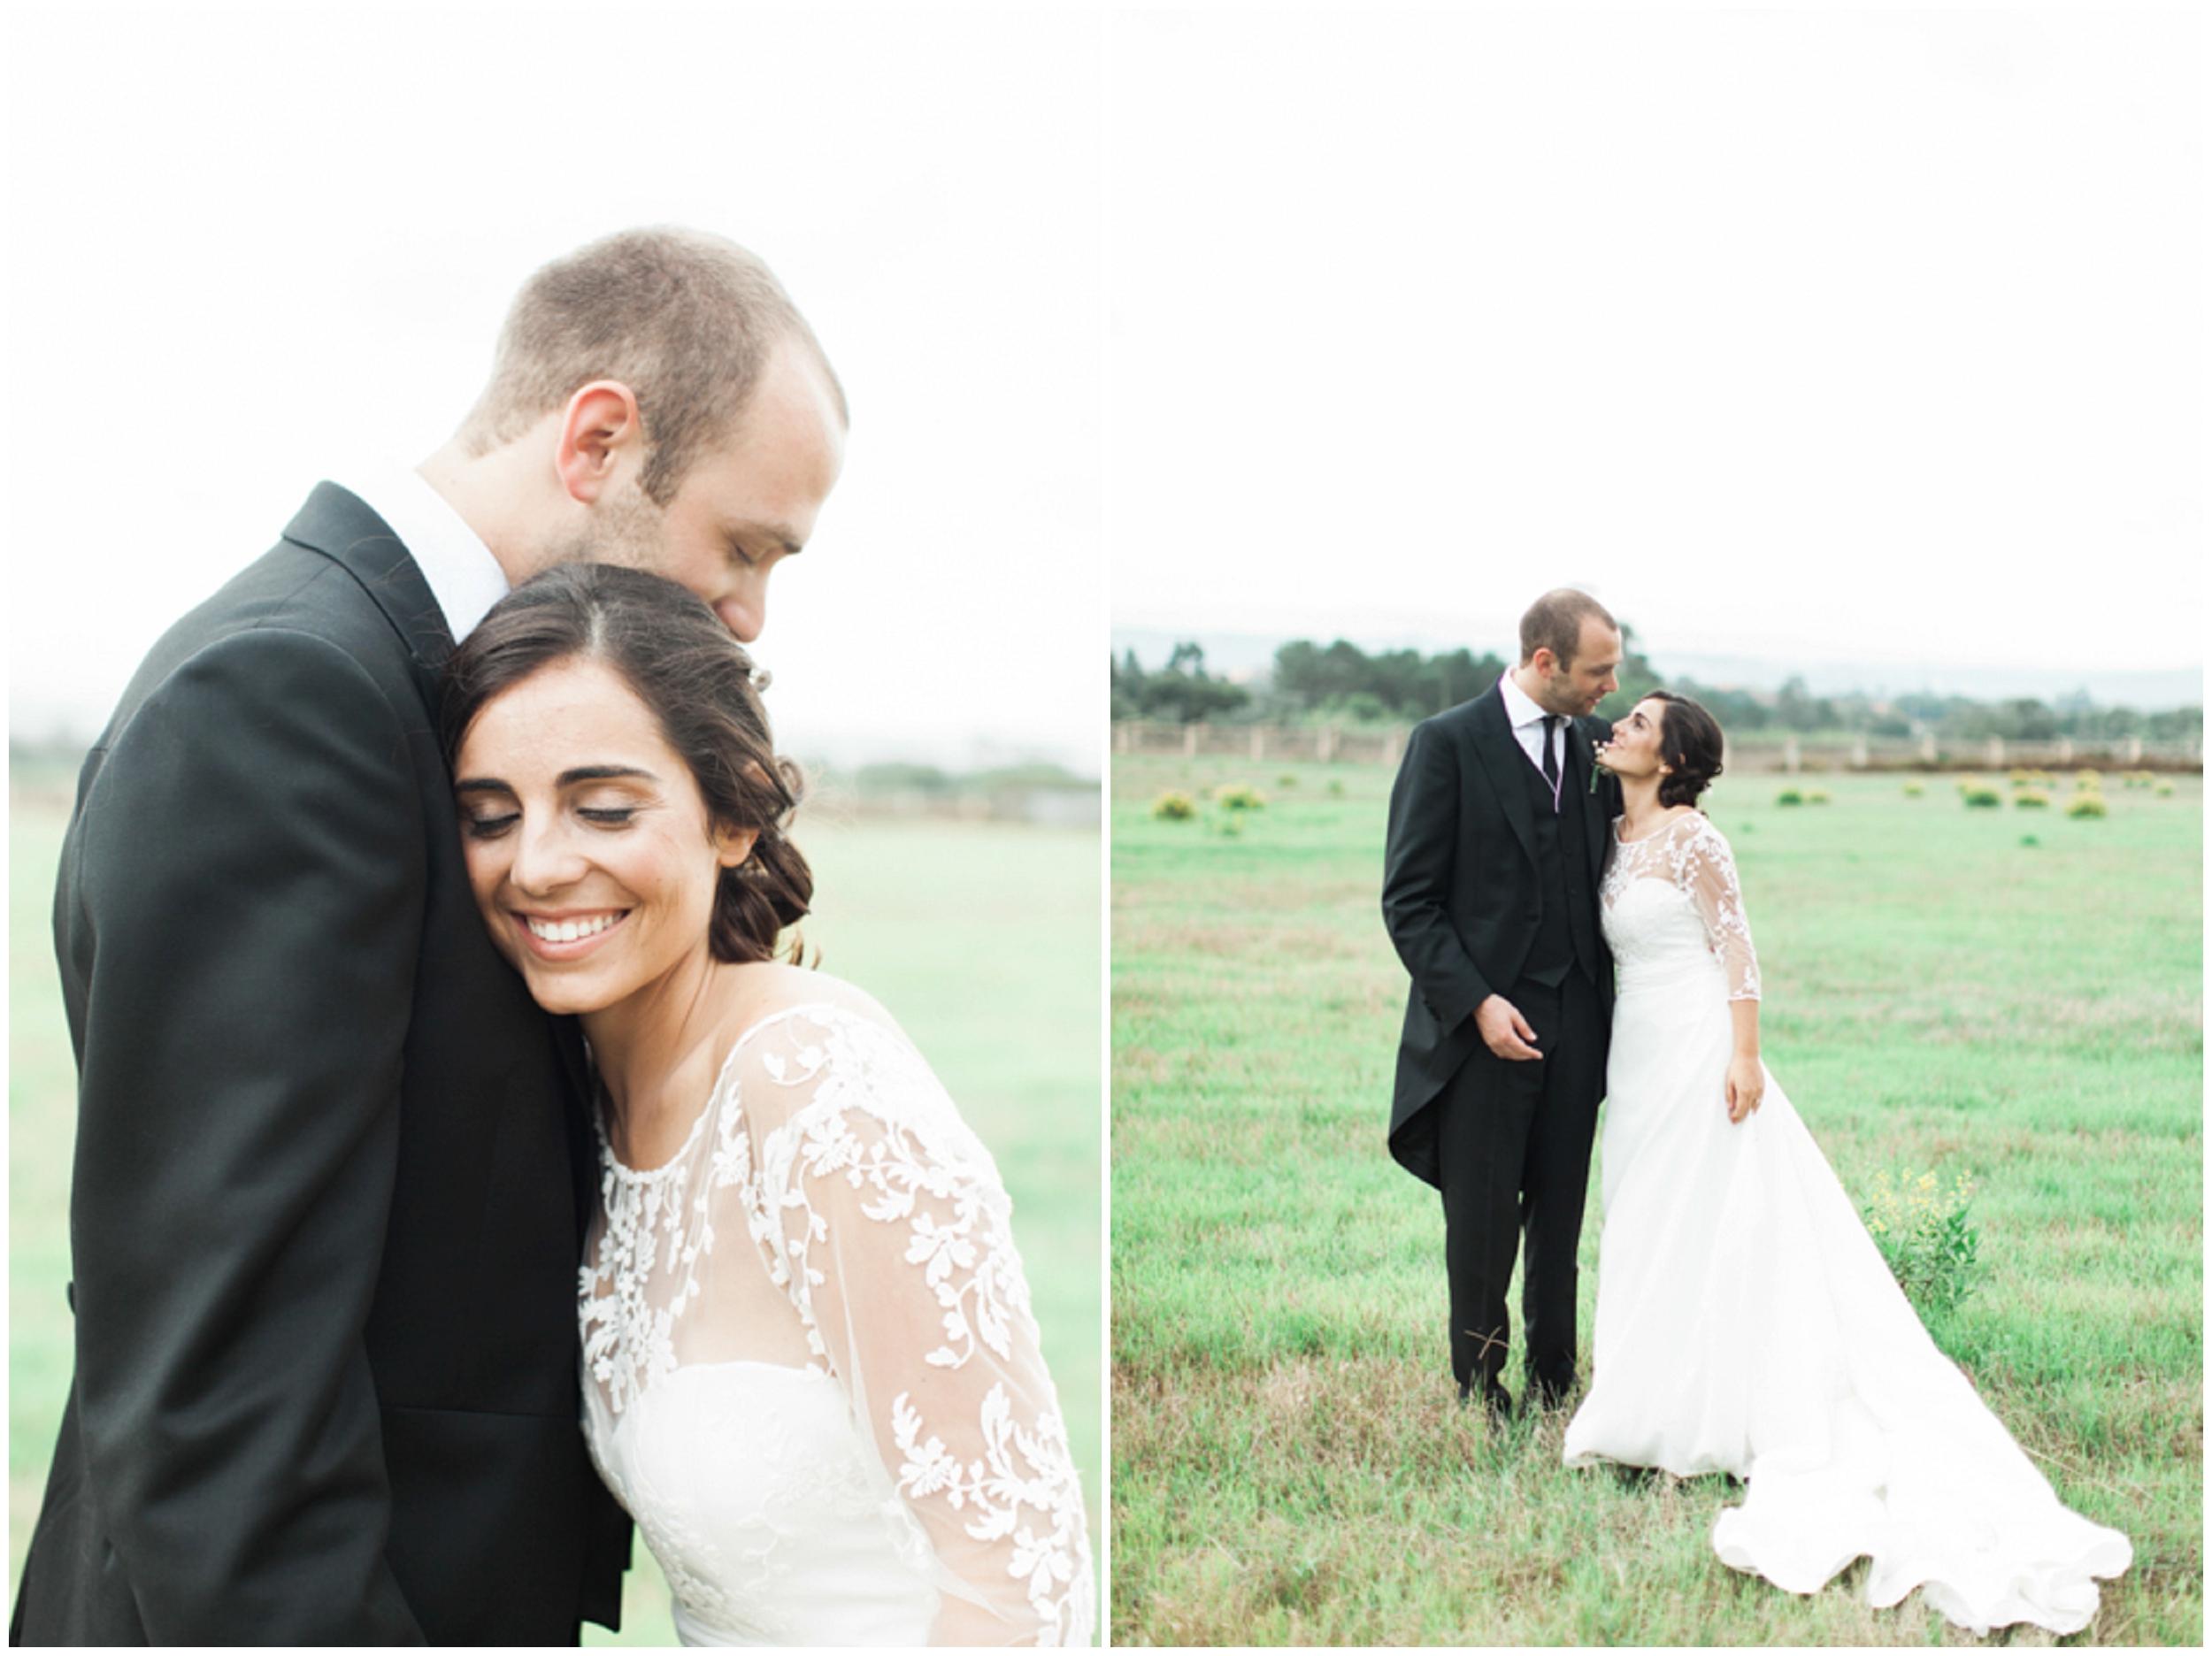 mariarao+wedding+photographer+cascais_0394.jpg